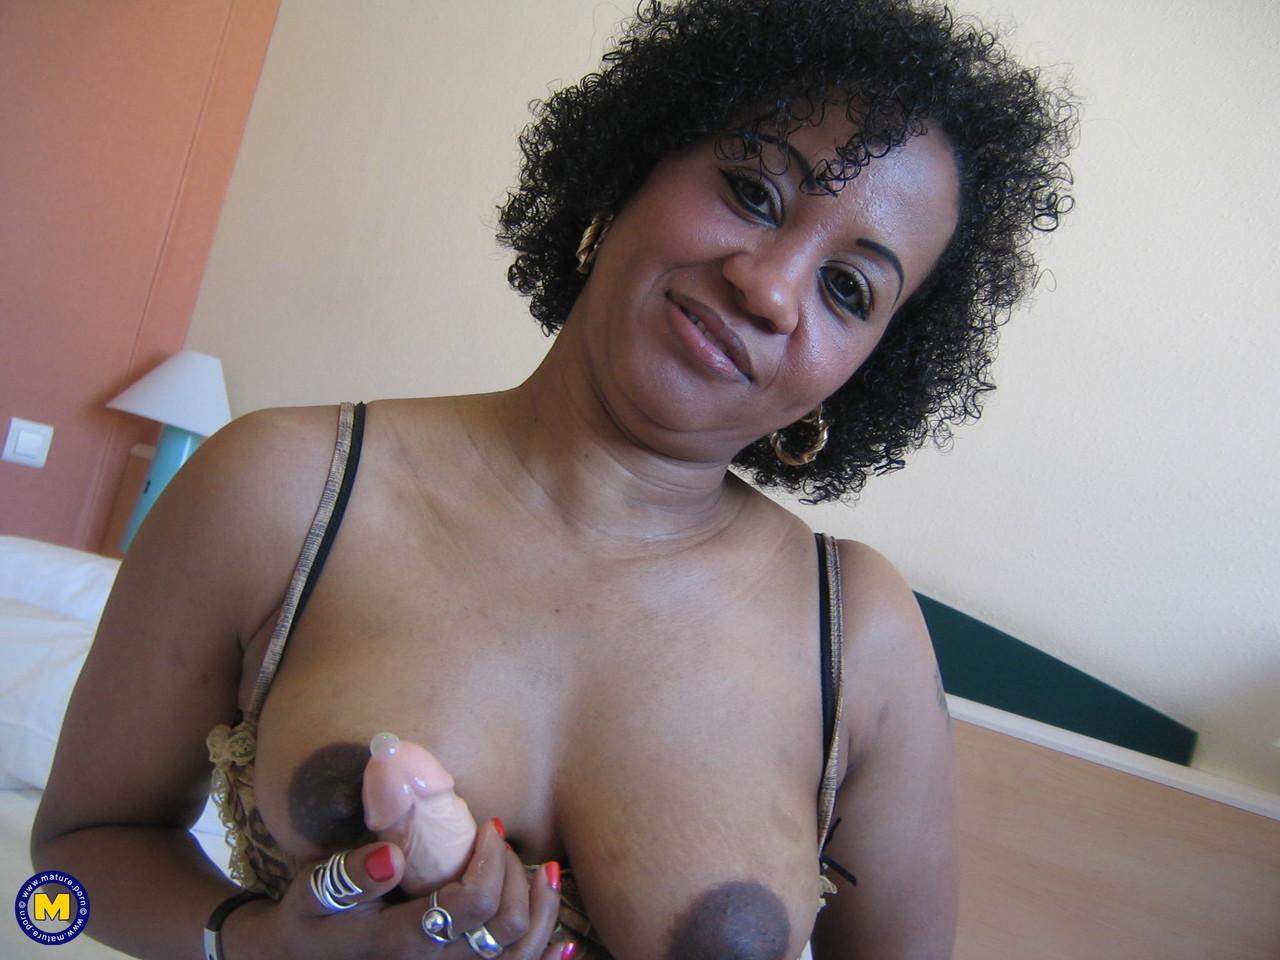 Рукоблудие негритянской бабы 50+. Фото - 17